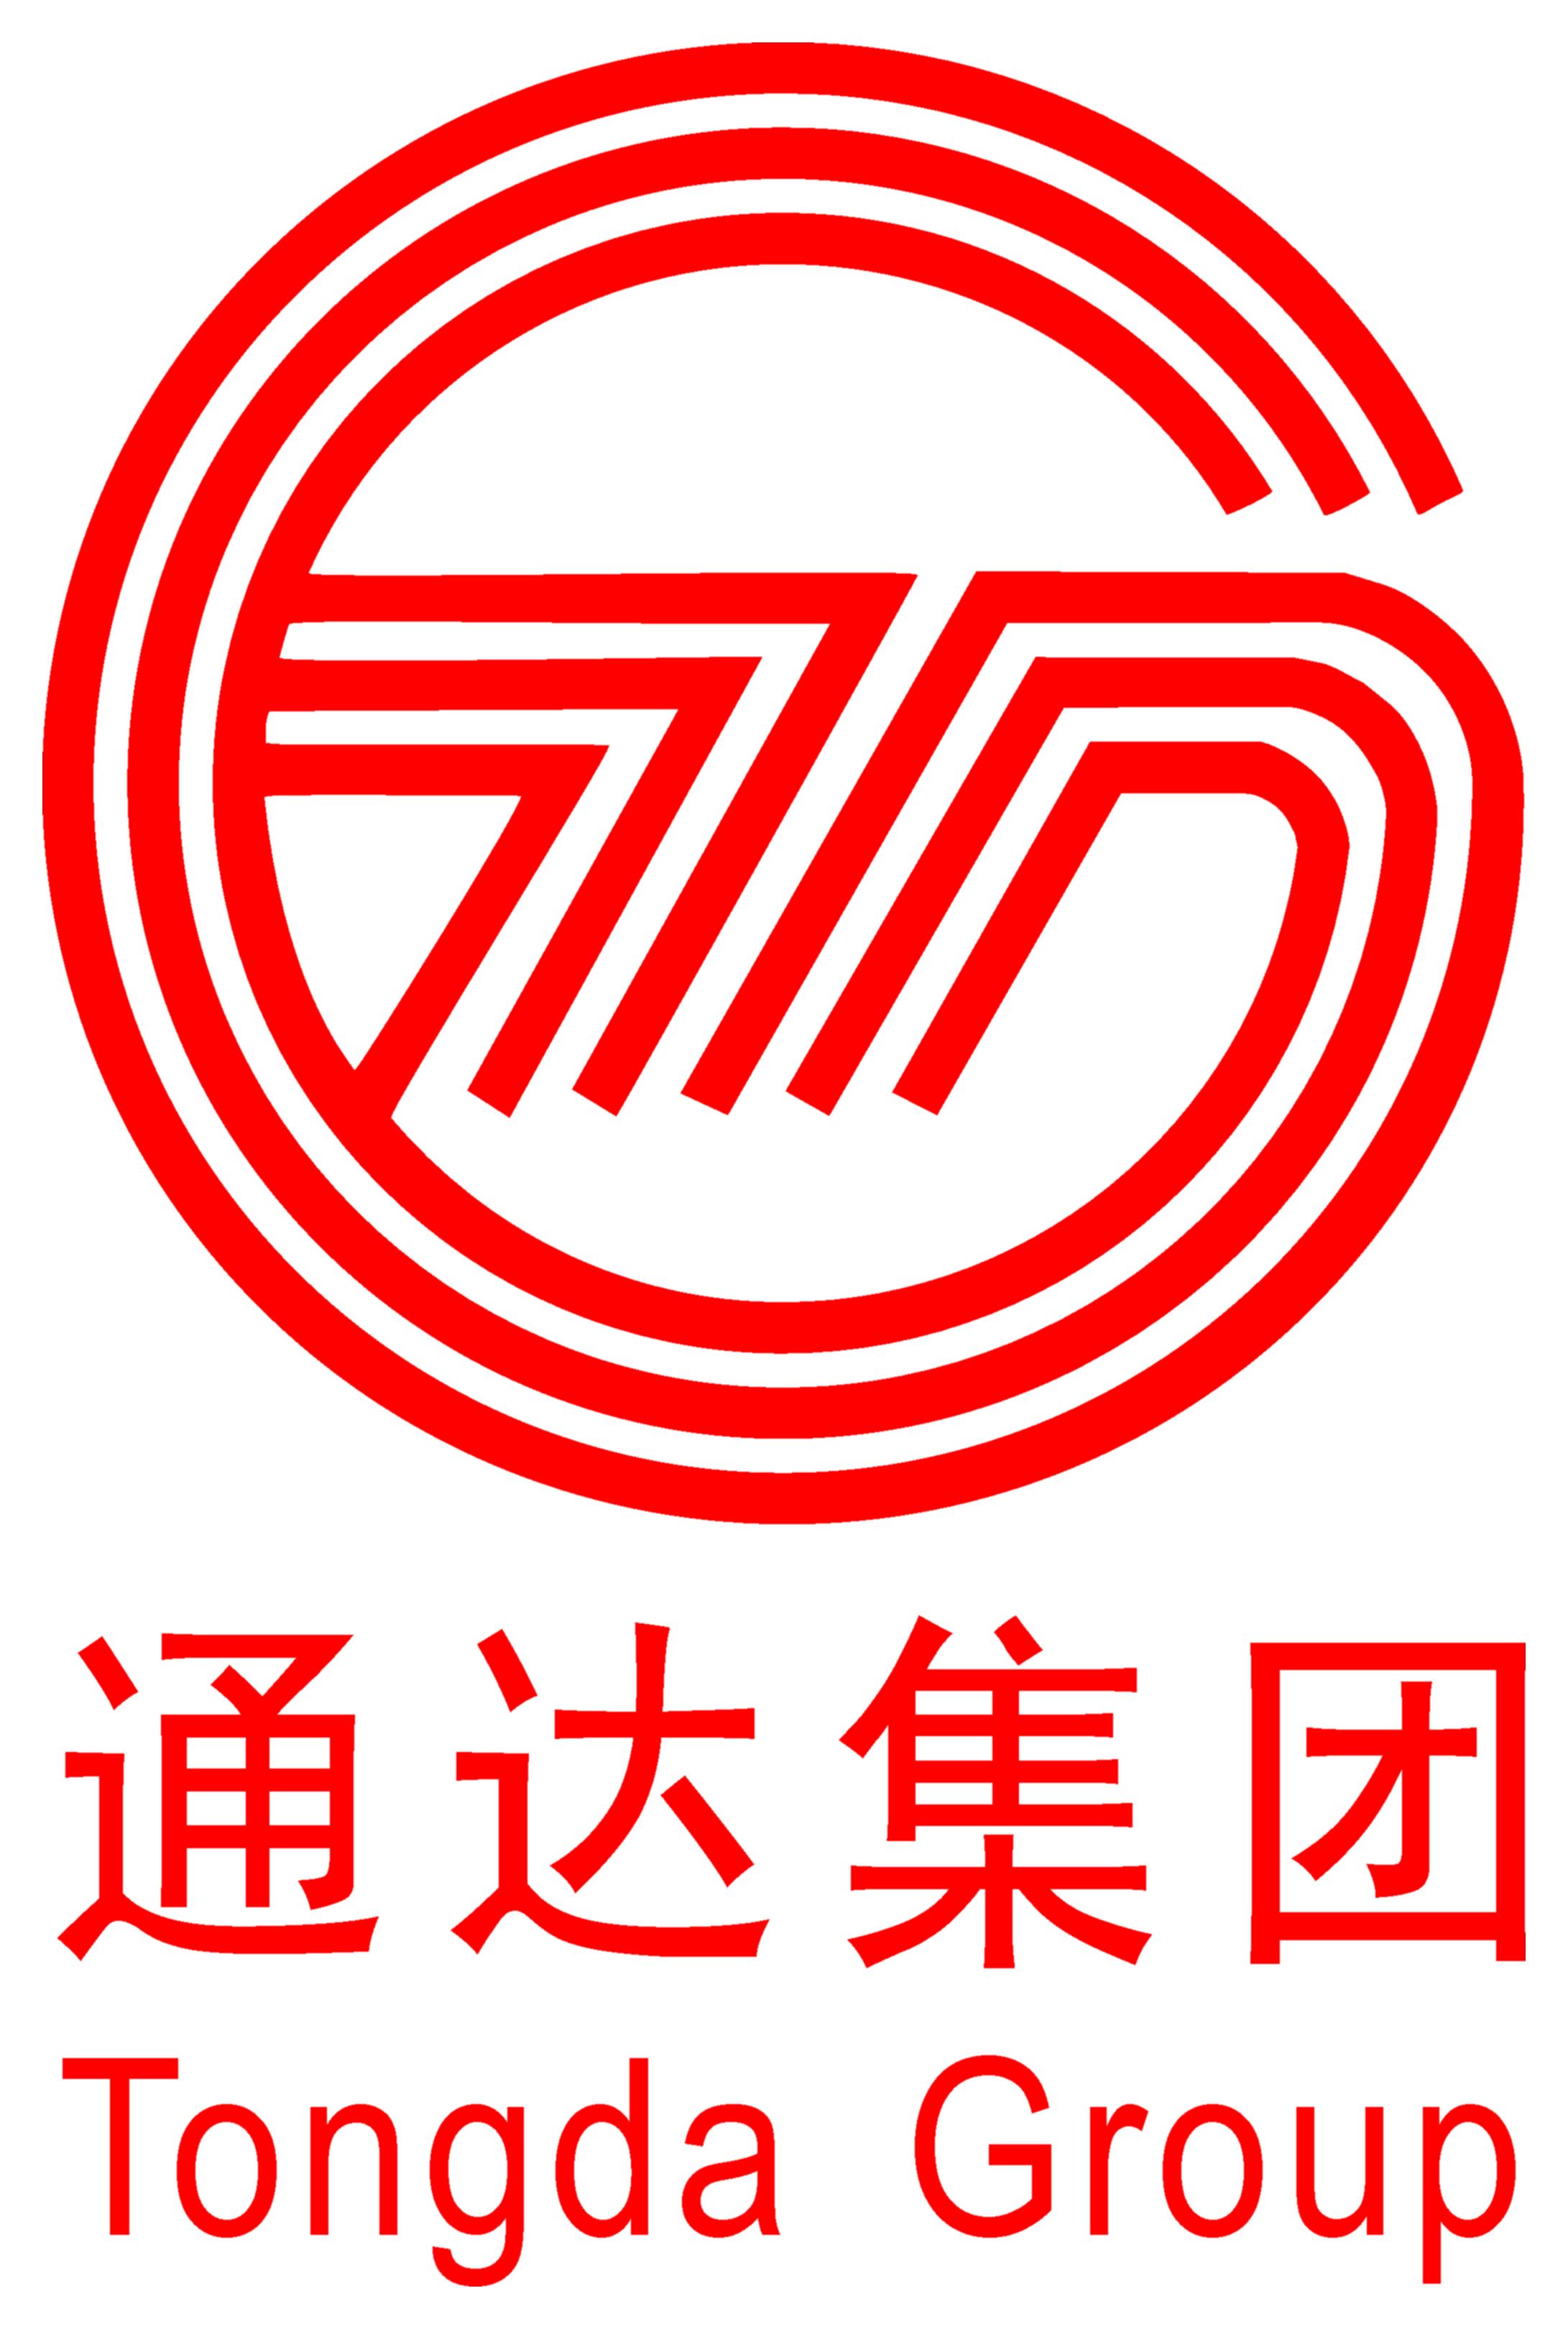 四川通达企业集团